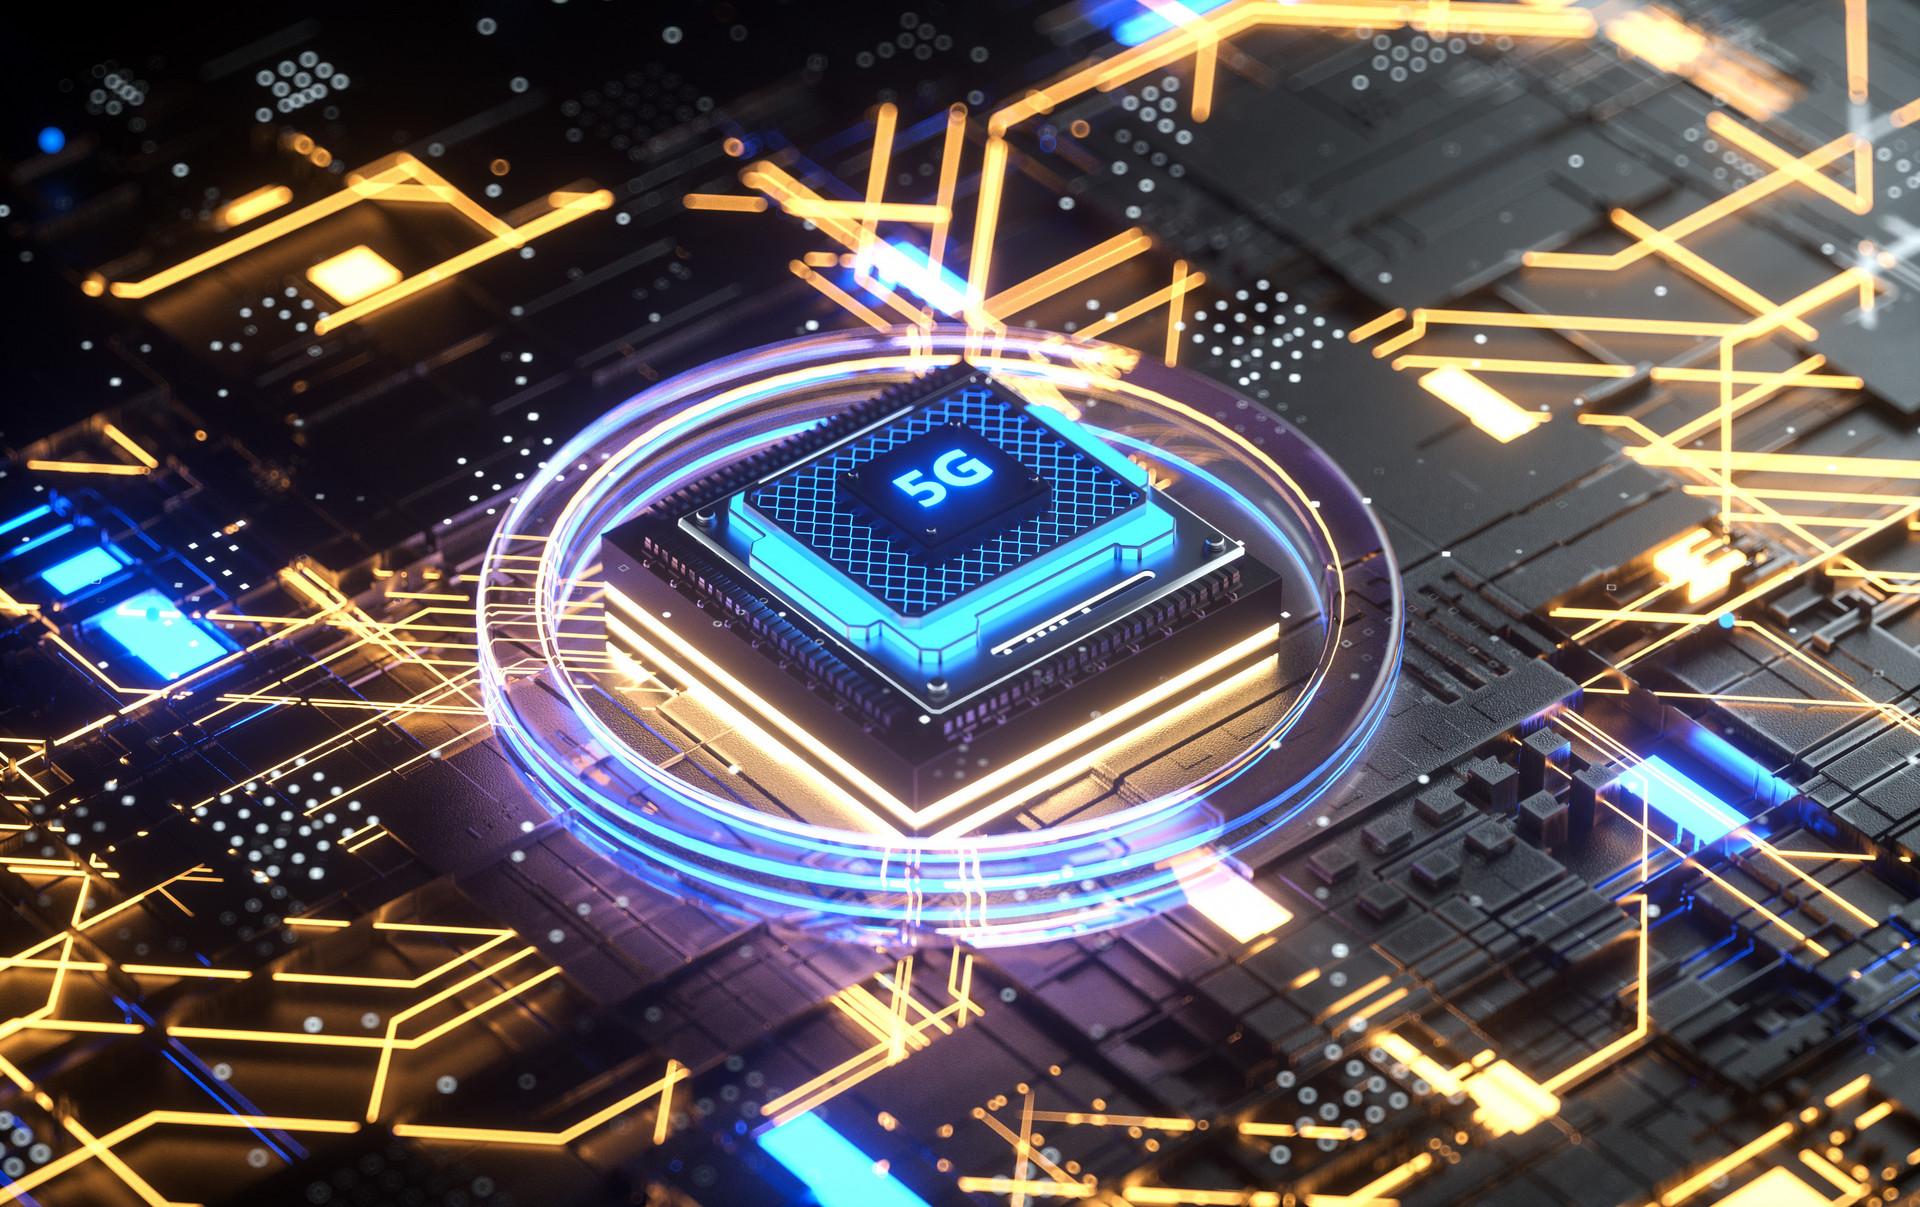 苹果计划在2022年开发出5G调制解调器